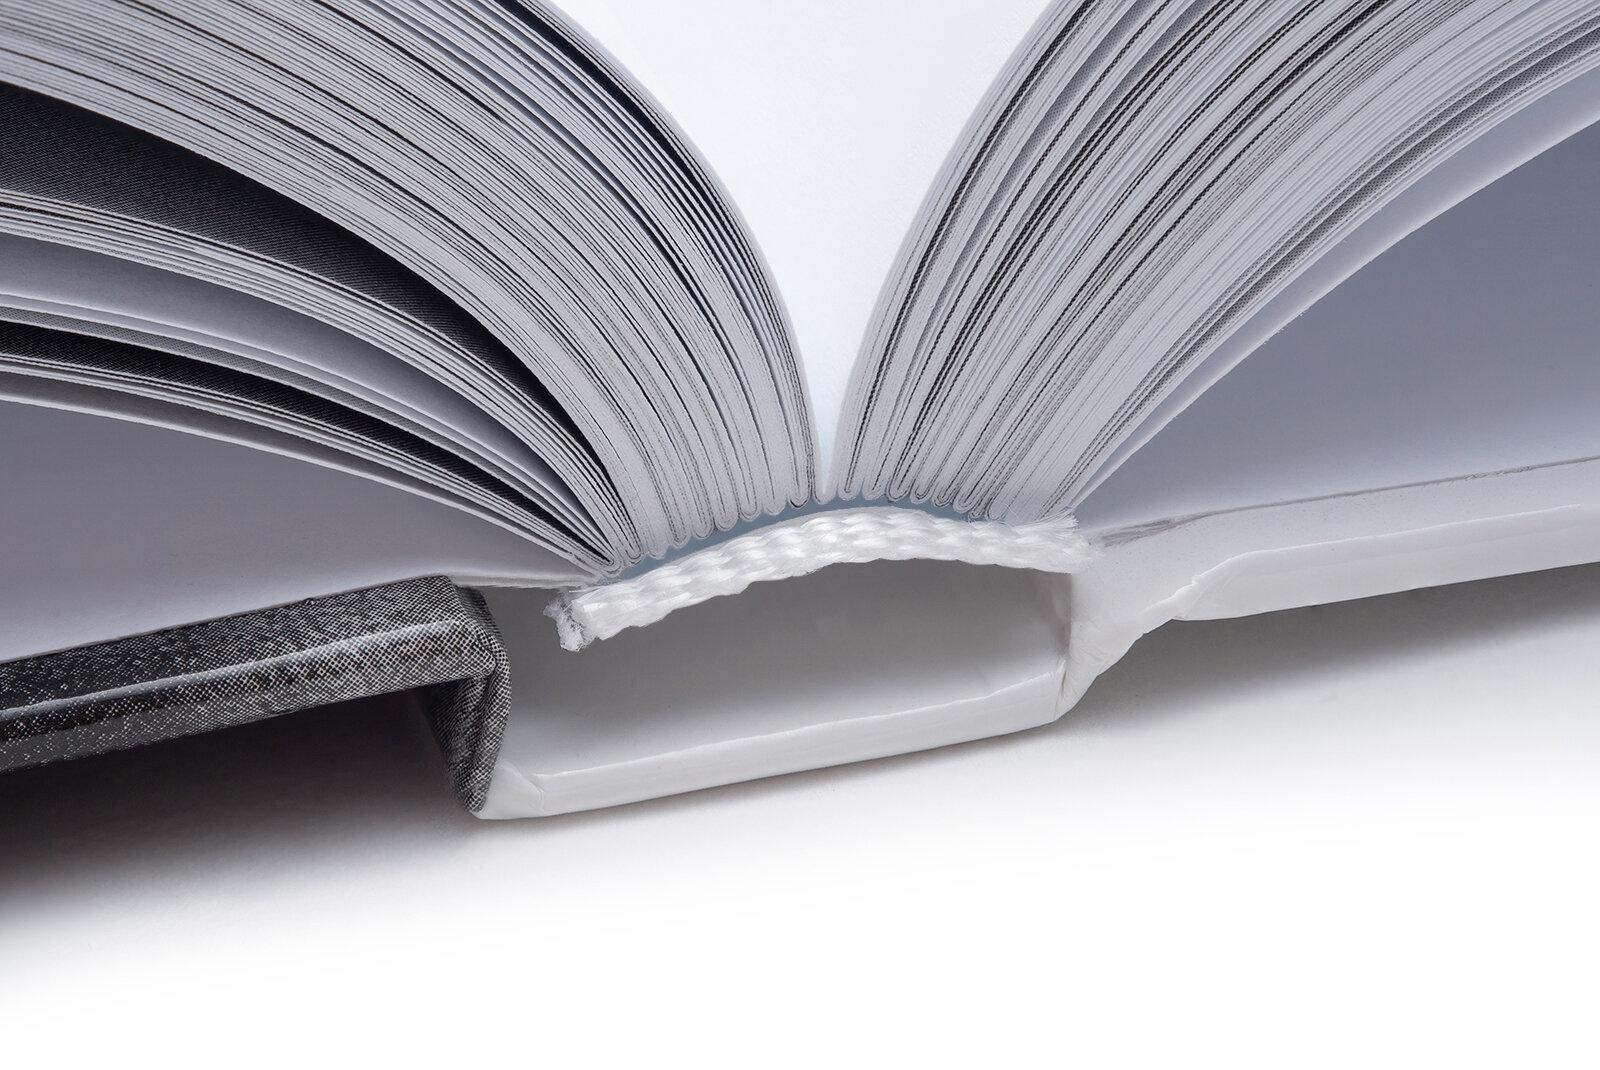 Listy sešité do složek a složky vlepené do tuhých desek pomocí předsádek -